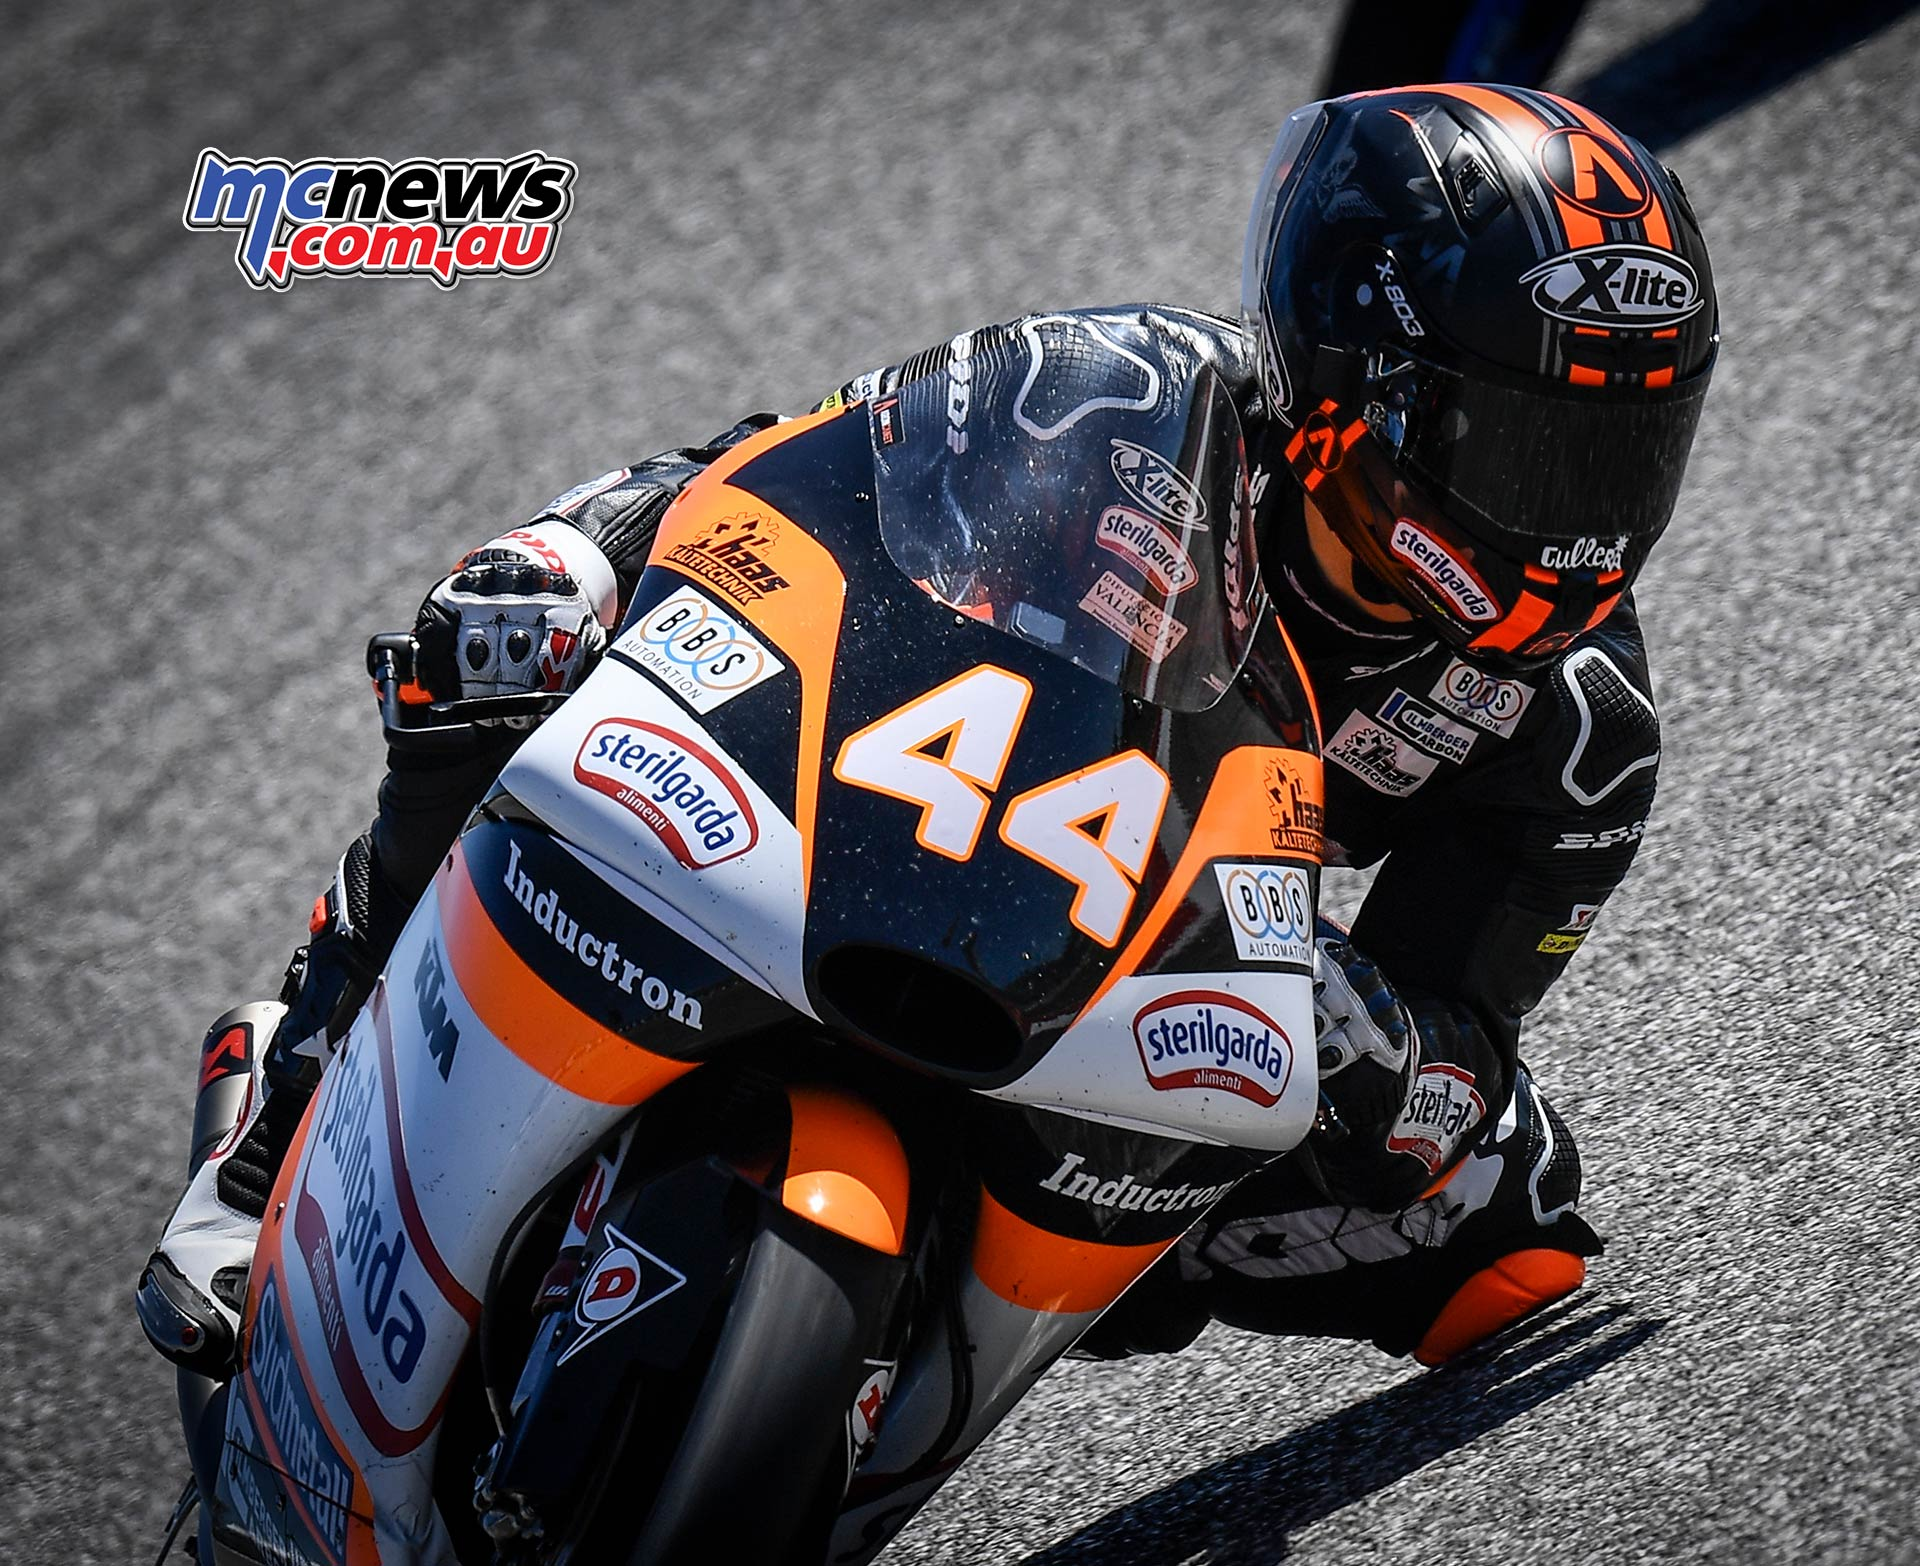 MotoGP Rnd COTA Moto Aron Canet